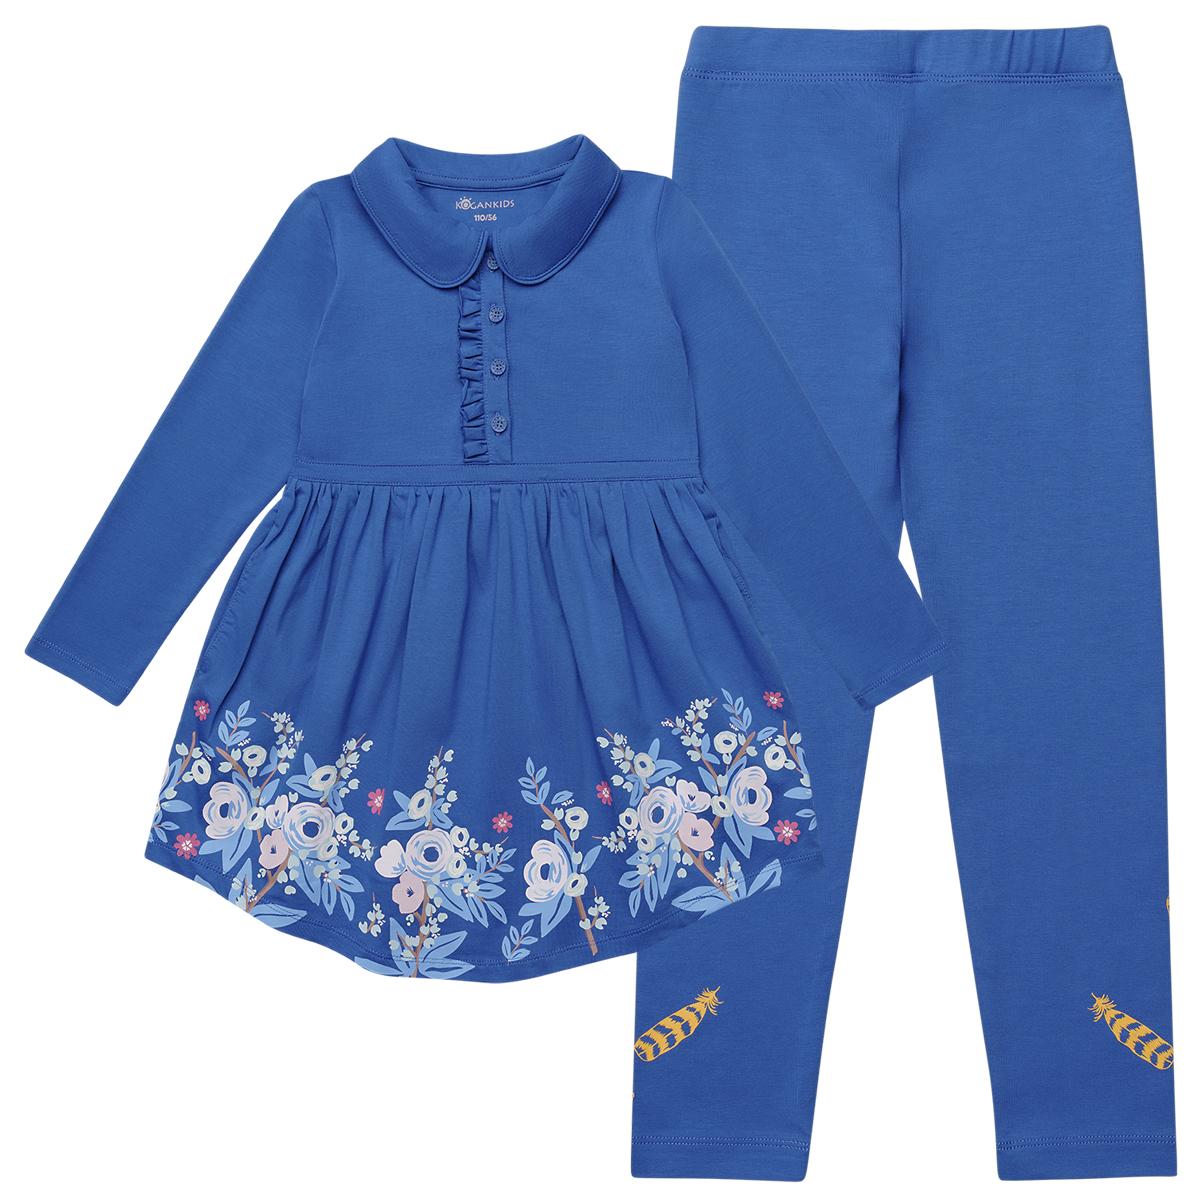 Комплект для девочки из платья и леггинс